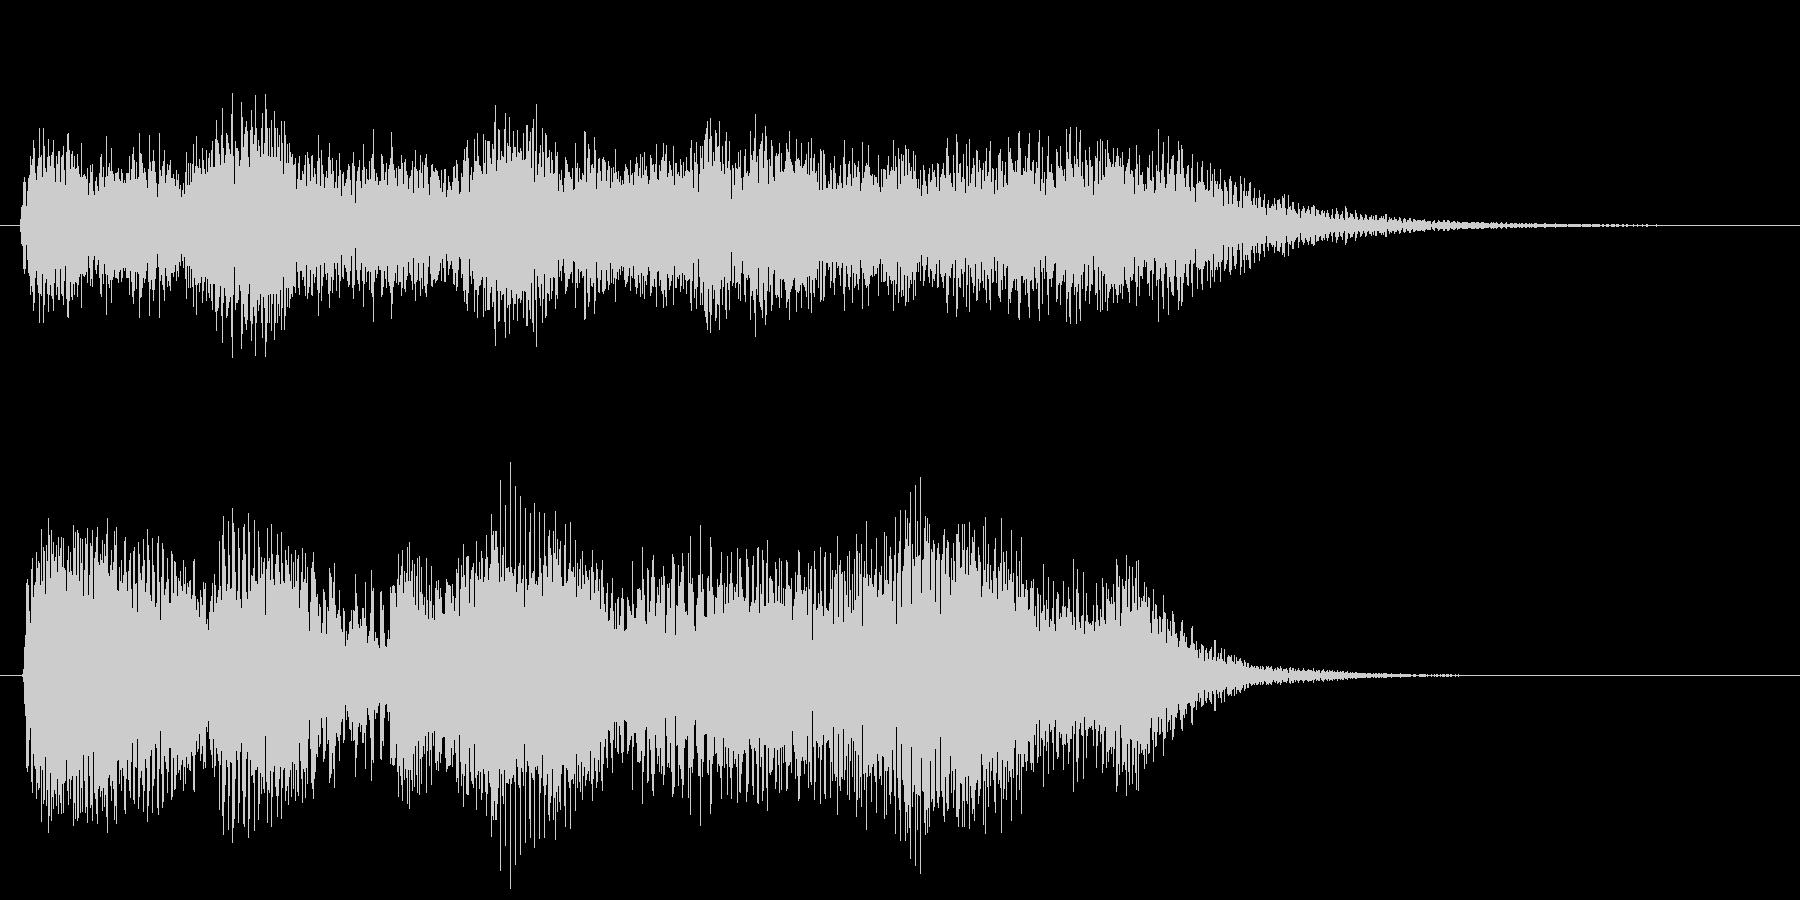 豪華な音色のシンセサイザーサウンドロゴ の未再生の波形